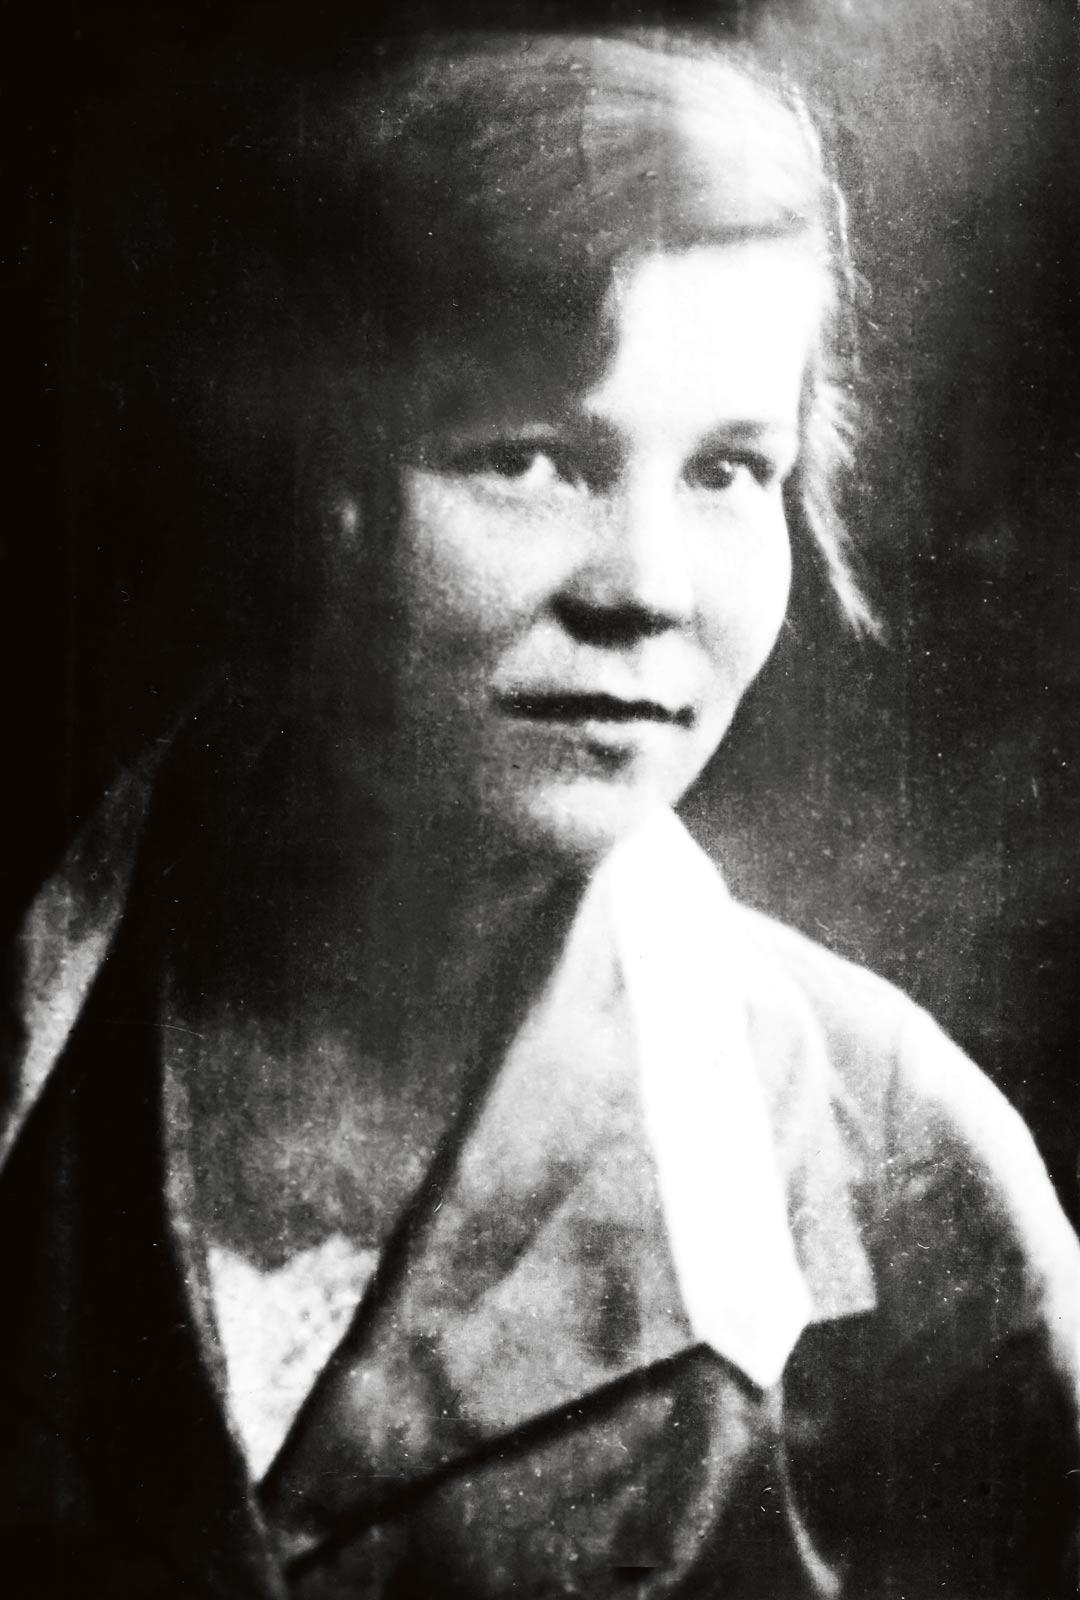 Tyyne Mantere-Zinovjeva (o.s. Heikkinen) kuvattuna 1930-luvulla Muurmannin suurimmassa Uuran kylässä – aikana, jolloin kaikki oli vielä hyvin.